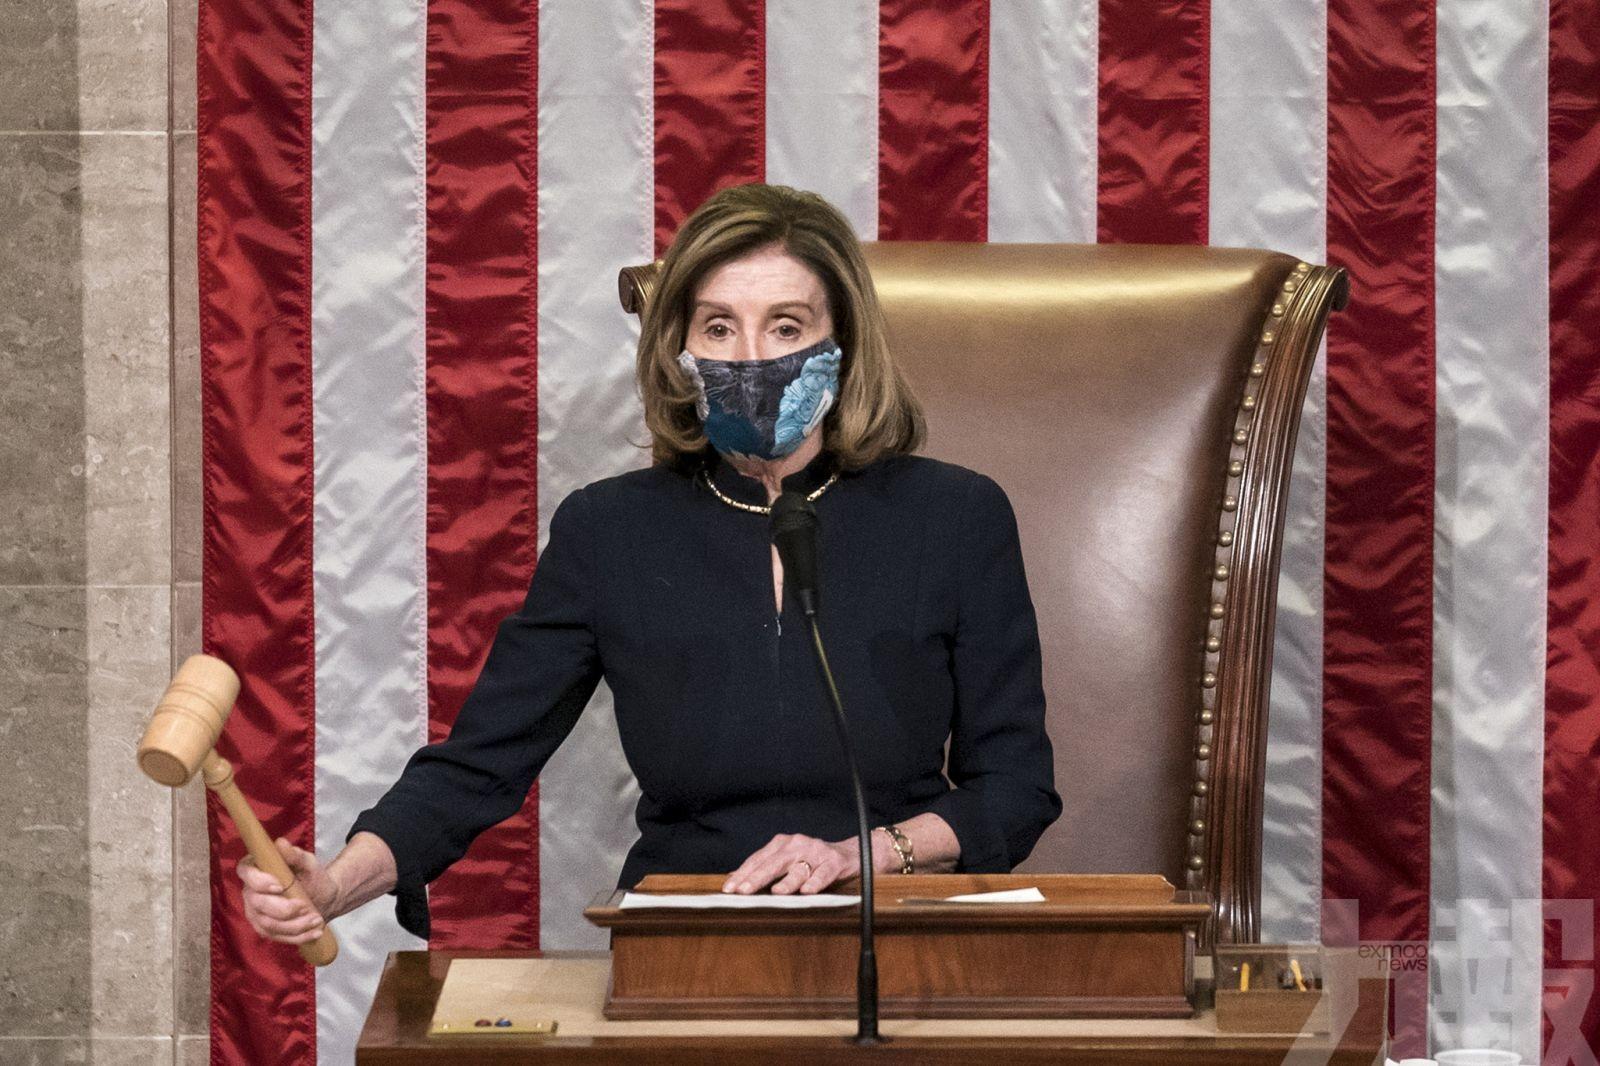 命運落入參議院手中